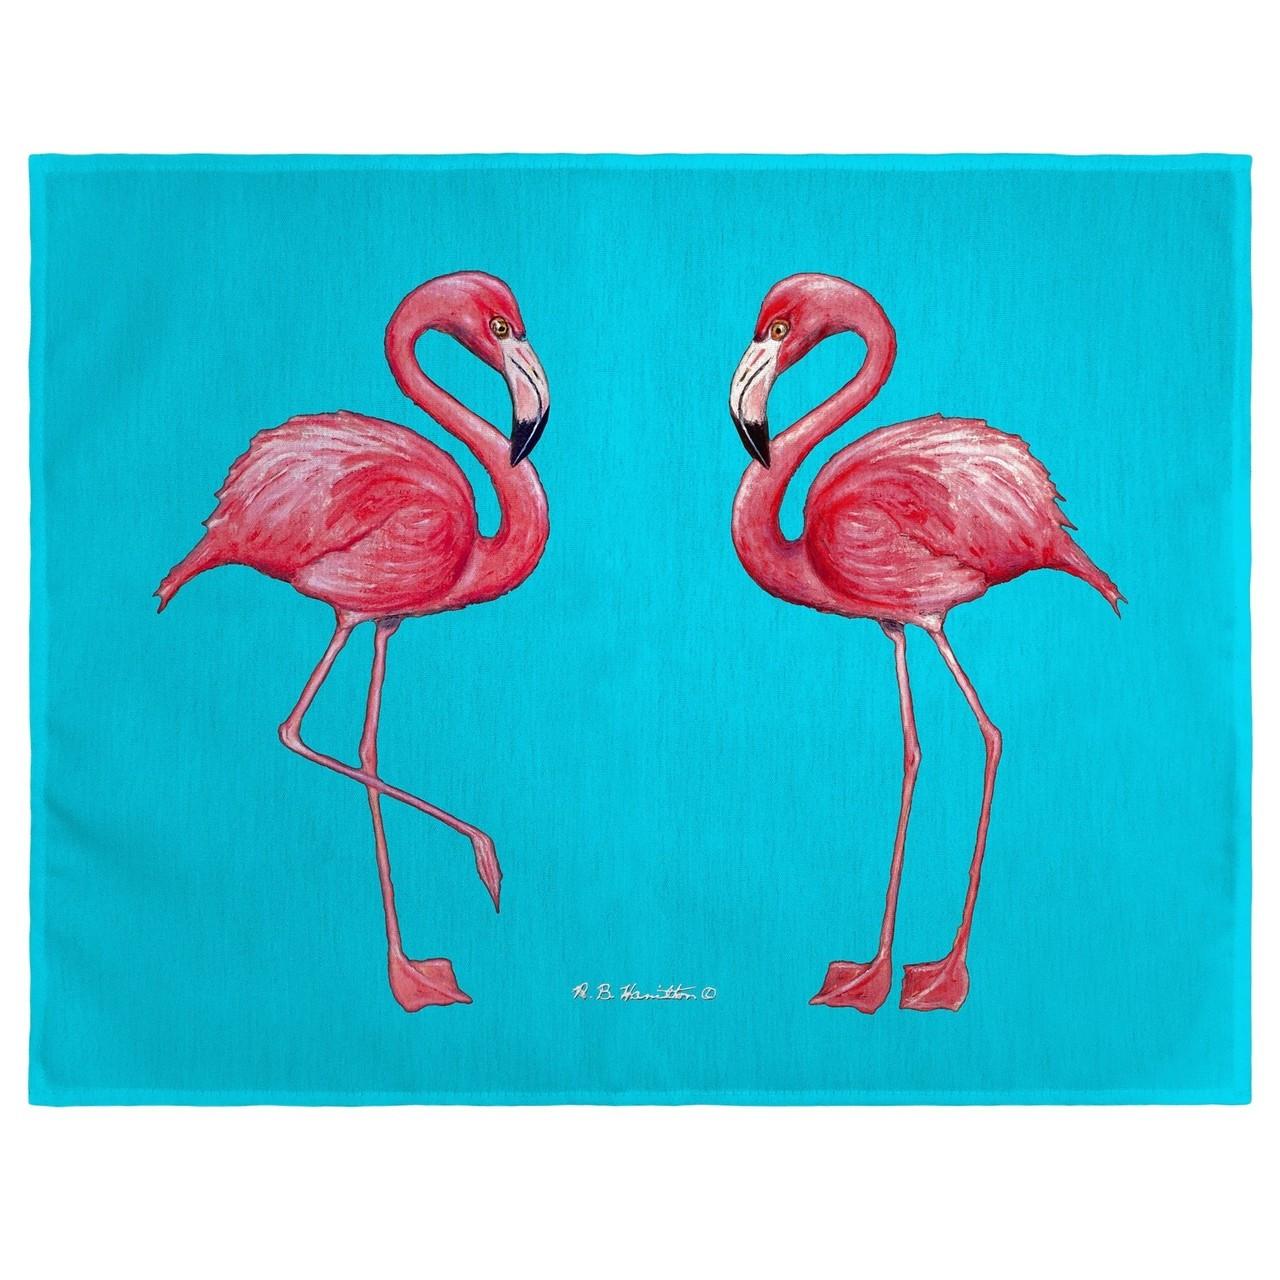 Pink Flamingo Place Mats - Set of 2